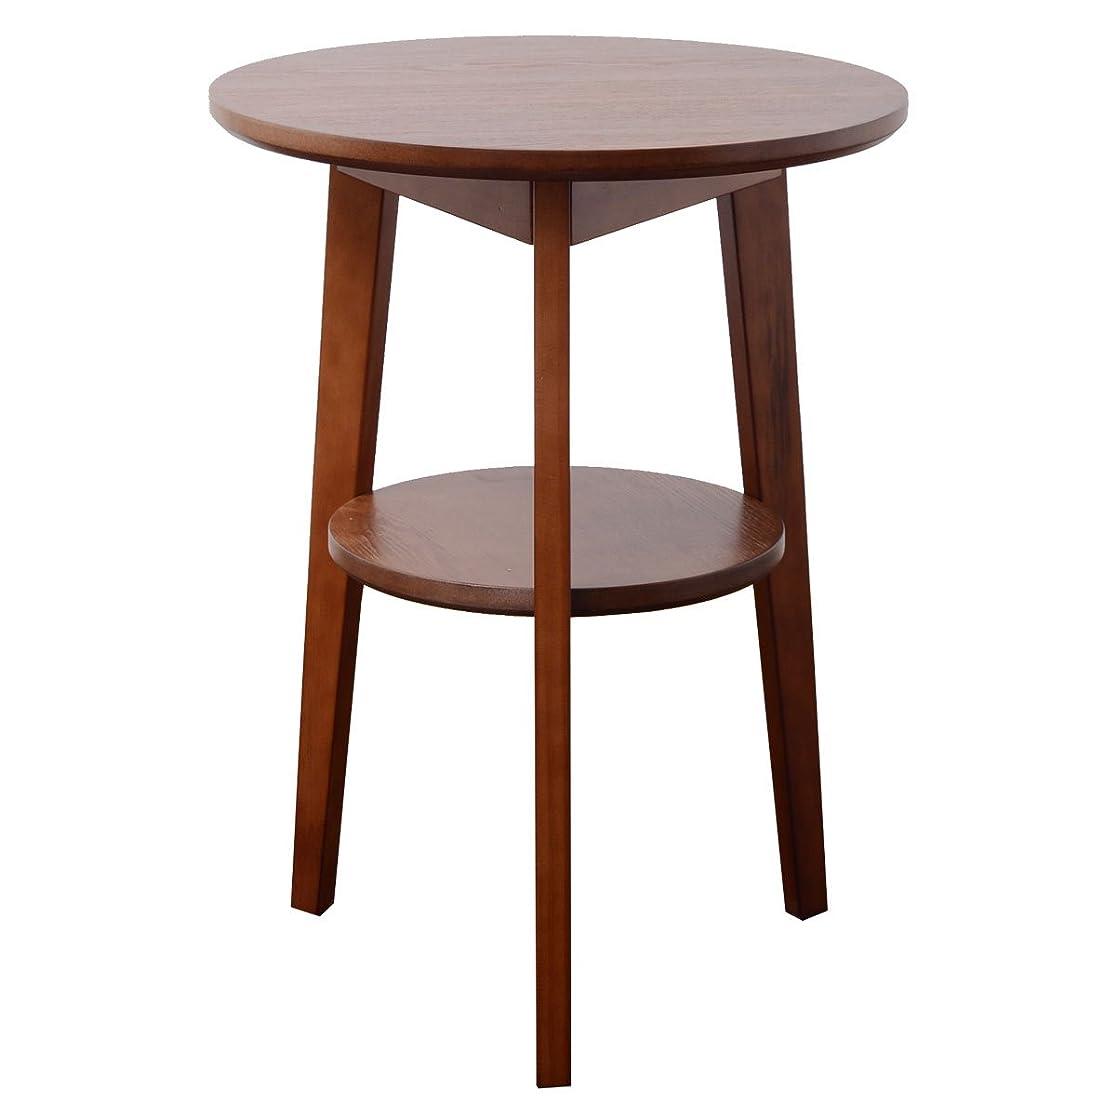 パスポート地震宅配便COMBO サイドテーブル 北欧 木 木製 ベッド 棚付 ソファ リビングテーブル テーブル ナイトテーブル おしゃれ